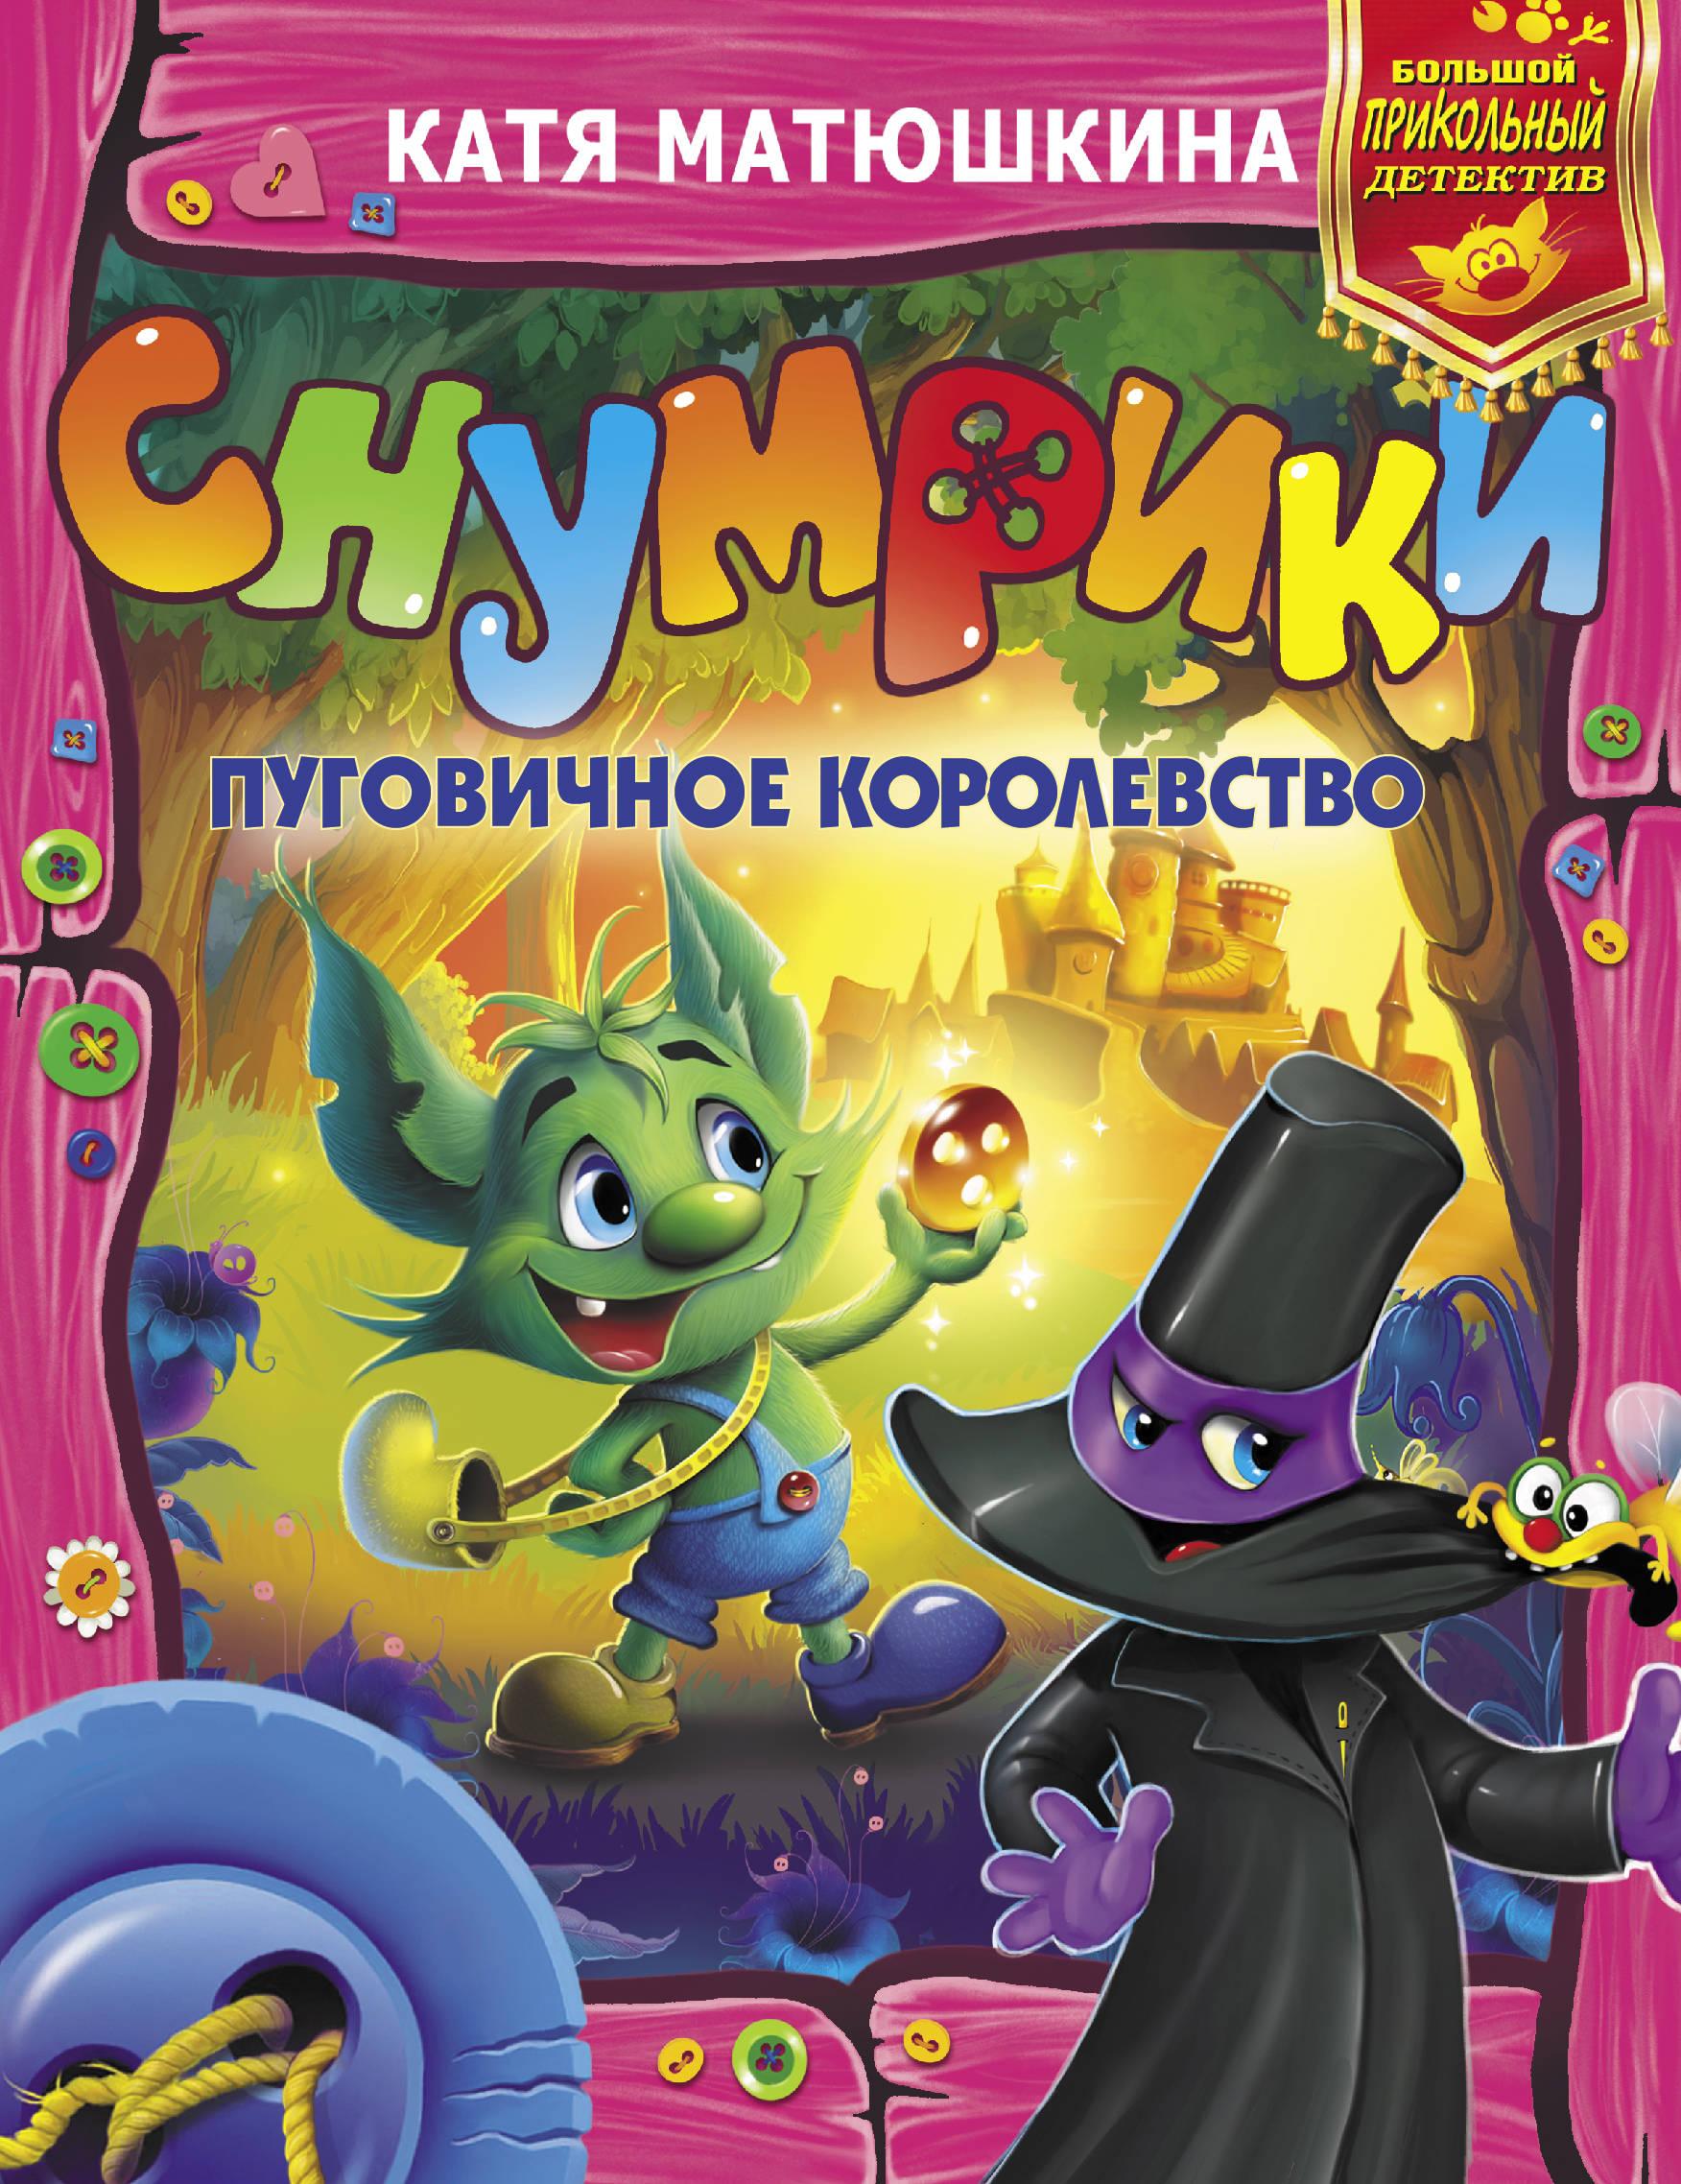 Катя Матюшкина Снумрики. Пуговичное королевство тарифный план